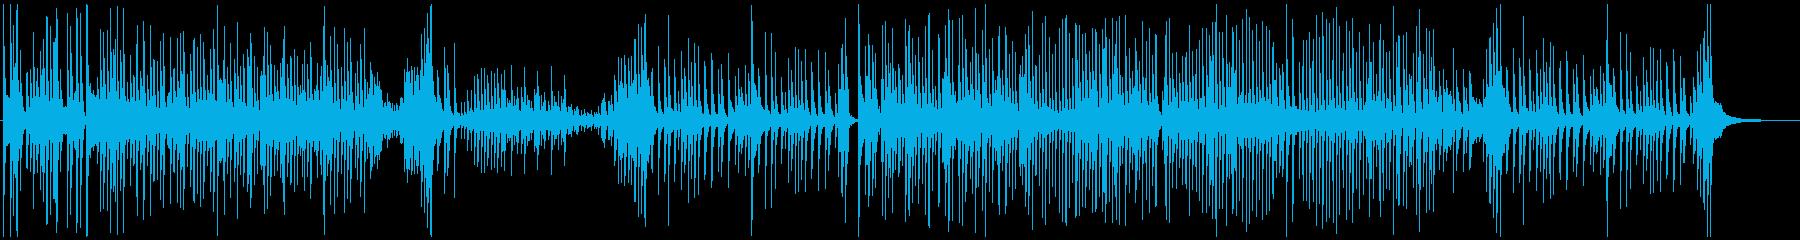 津軽三味線ソロ-D、激しい、疾走、声なしの再生済みの波形